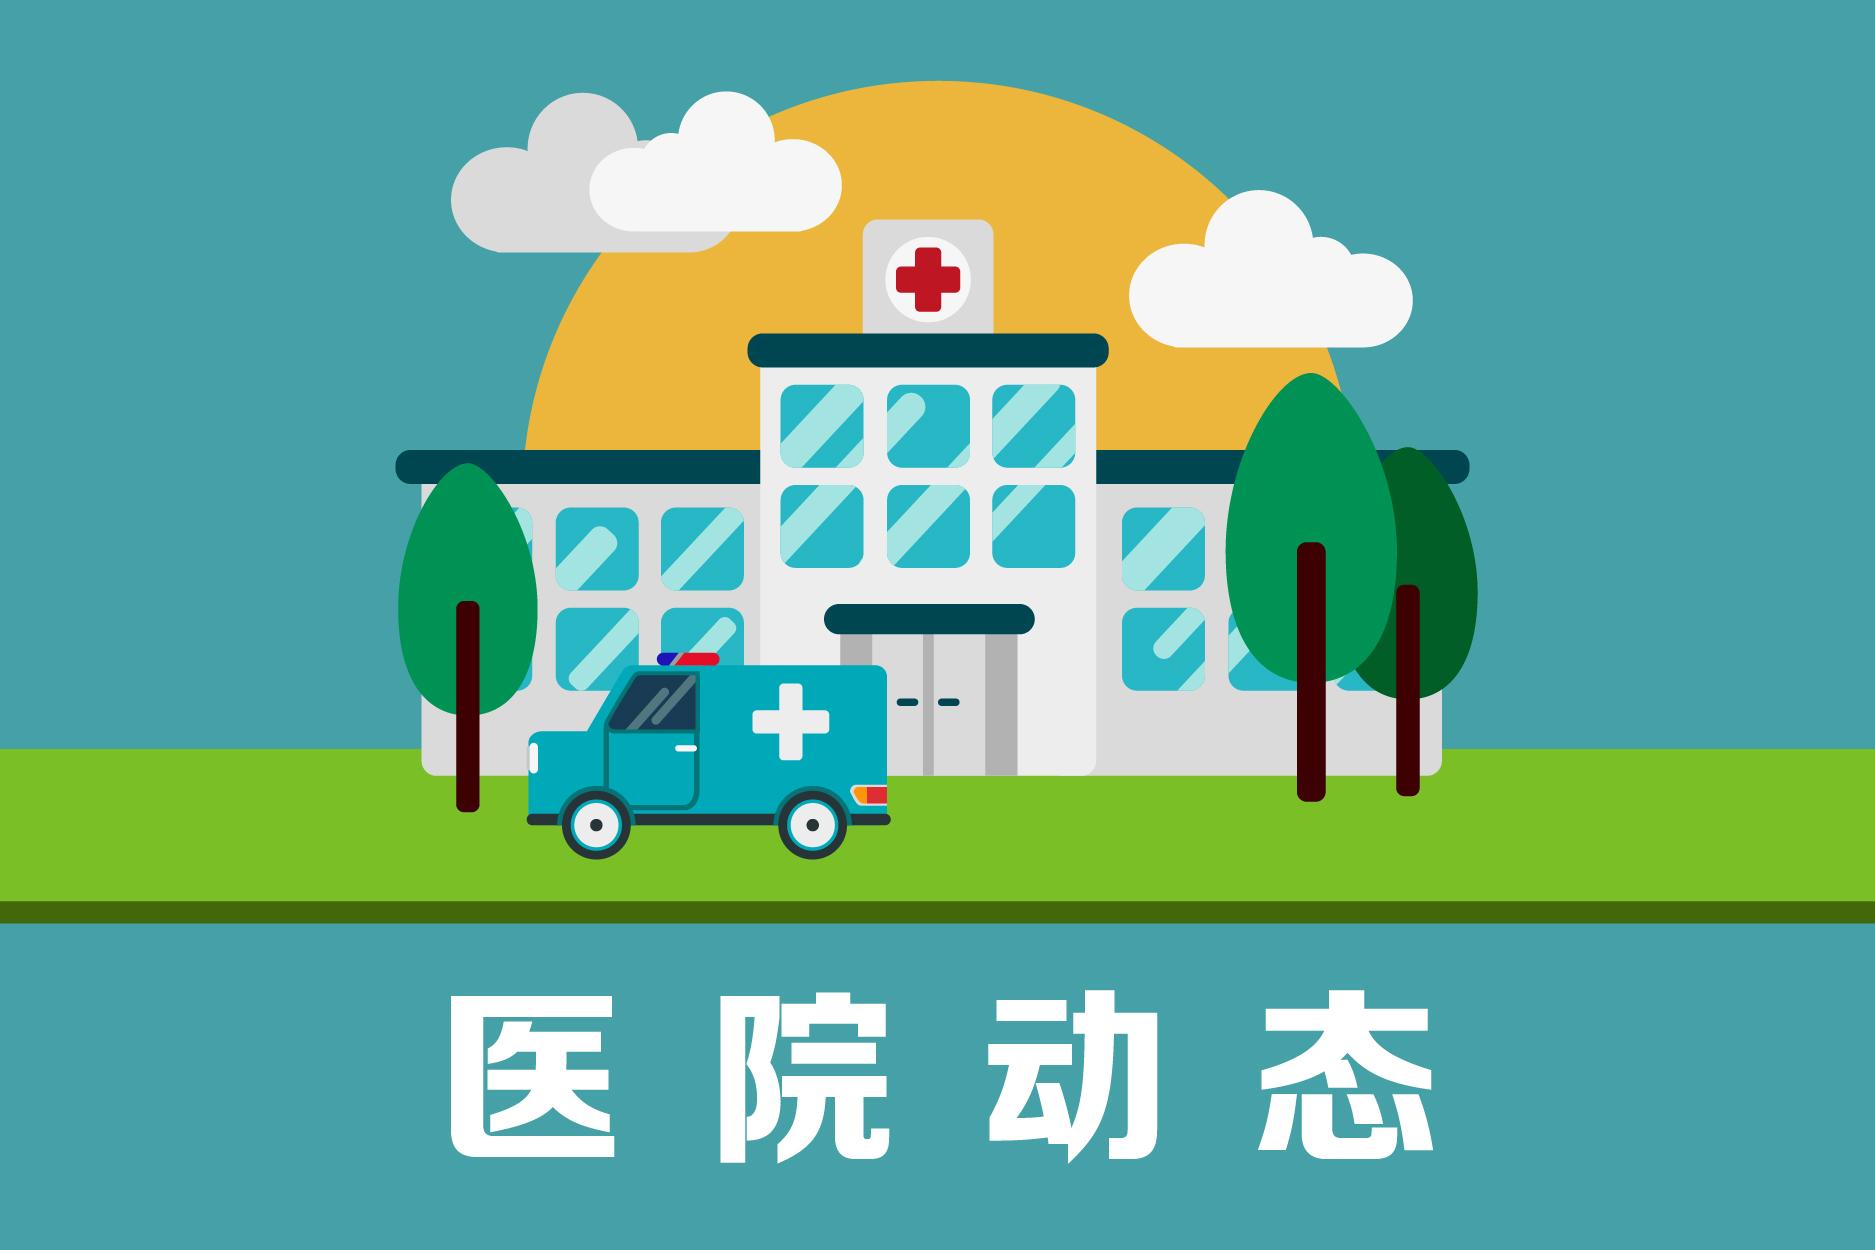 2018年北京协和医院内分泌科骨质疏松症健康系列讲座通知